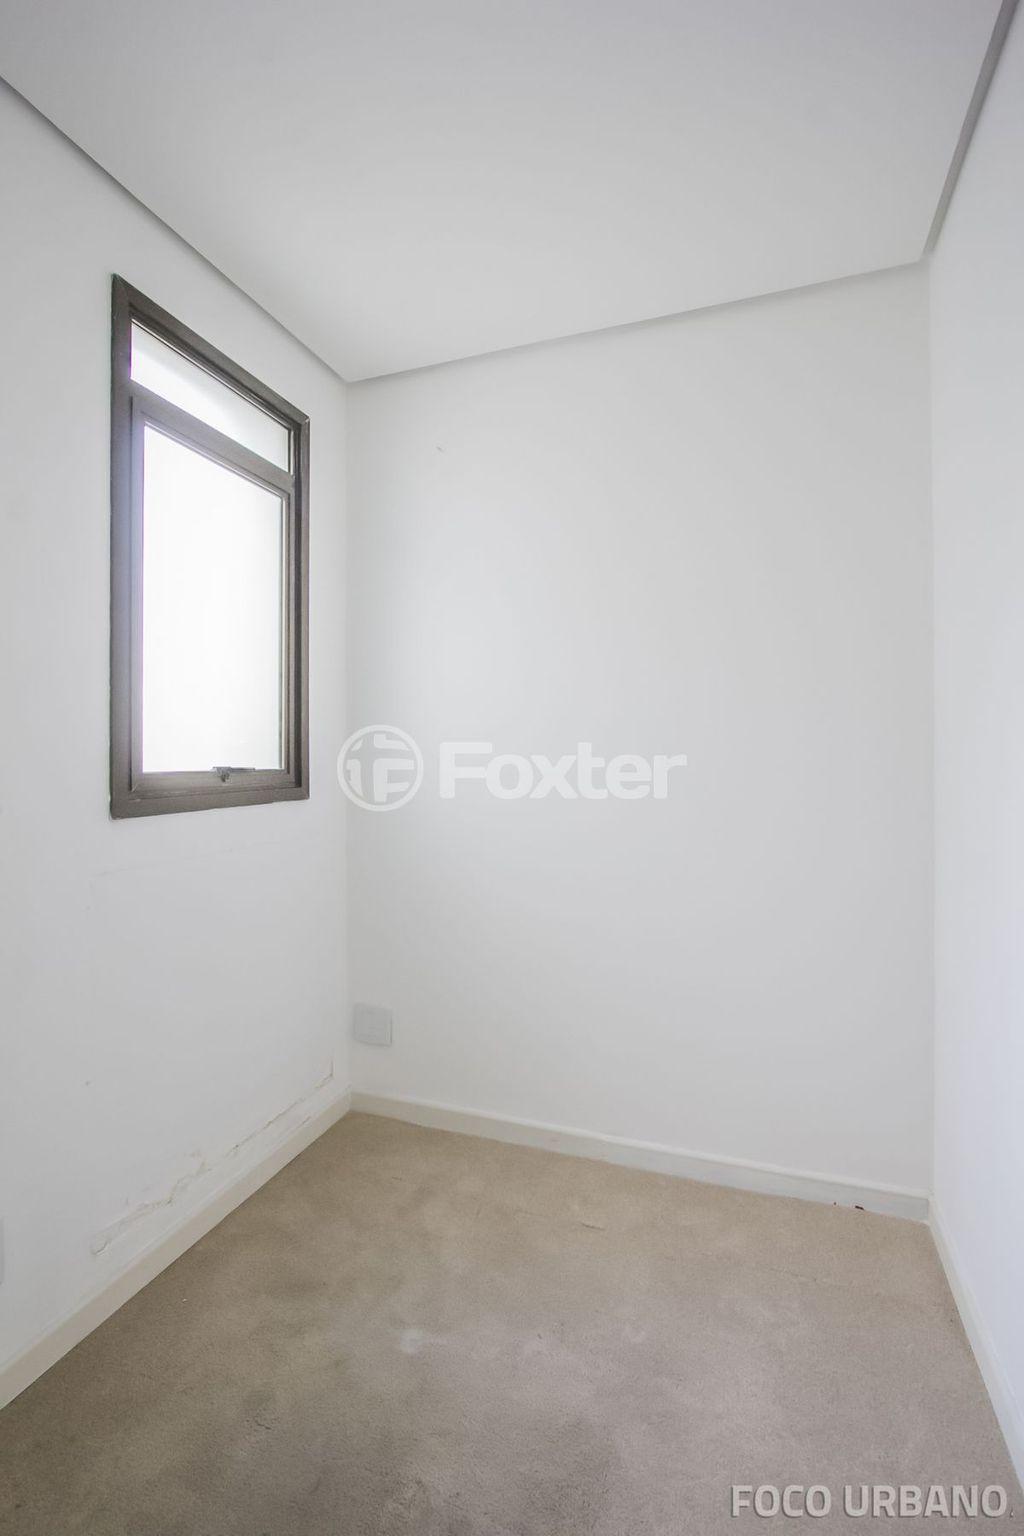 Foxter Imobiliária - Cobertura 3 Dorm (137146) - Foto 30